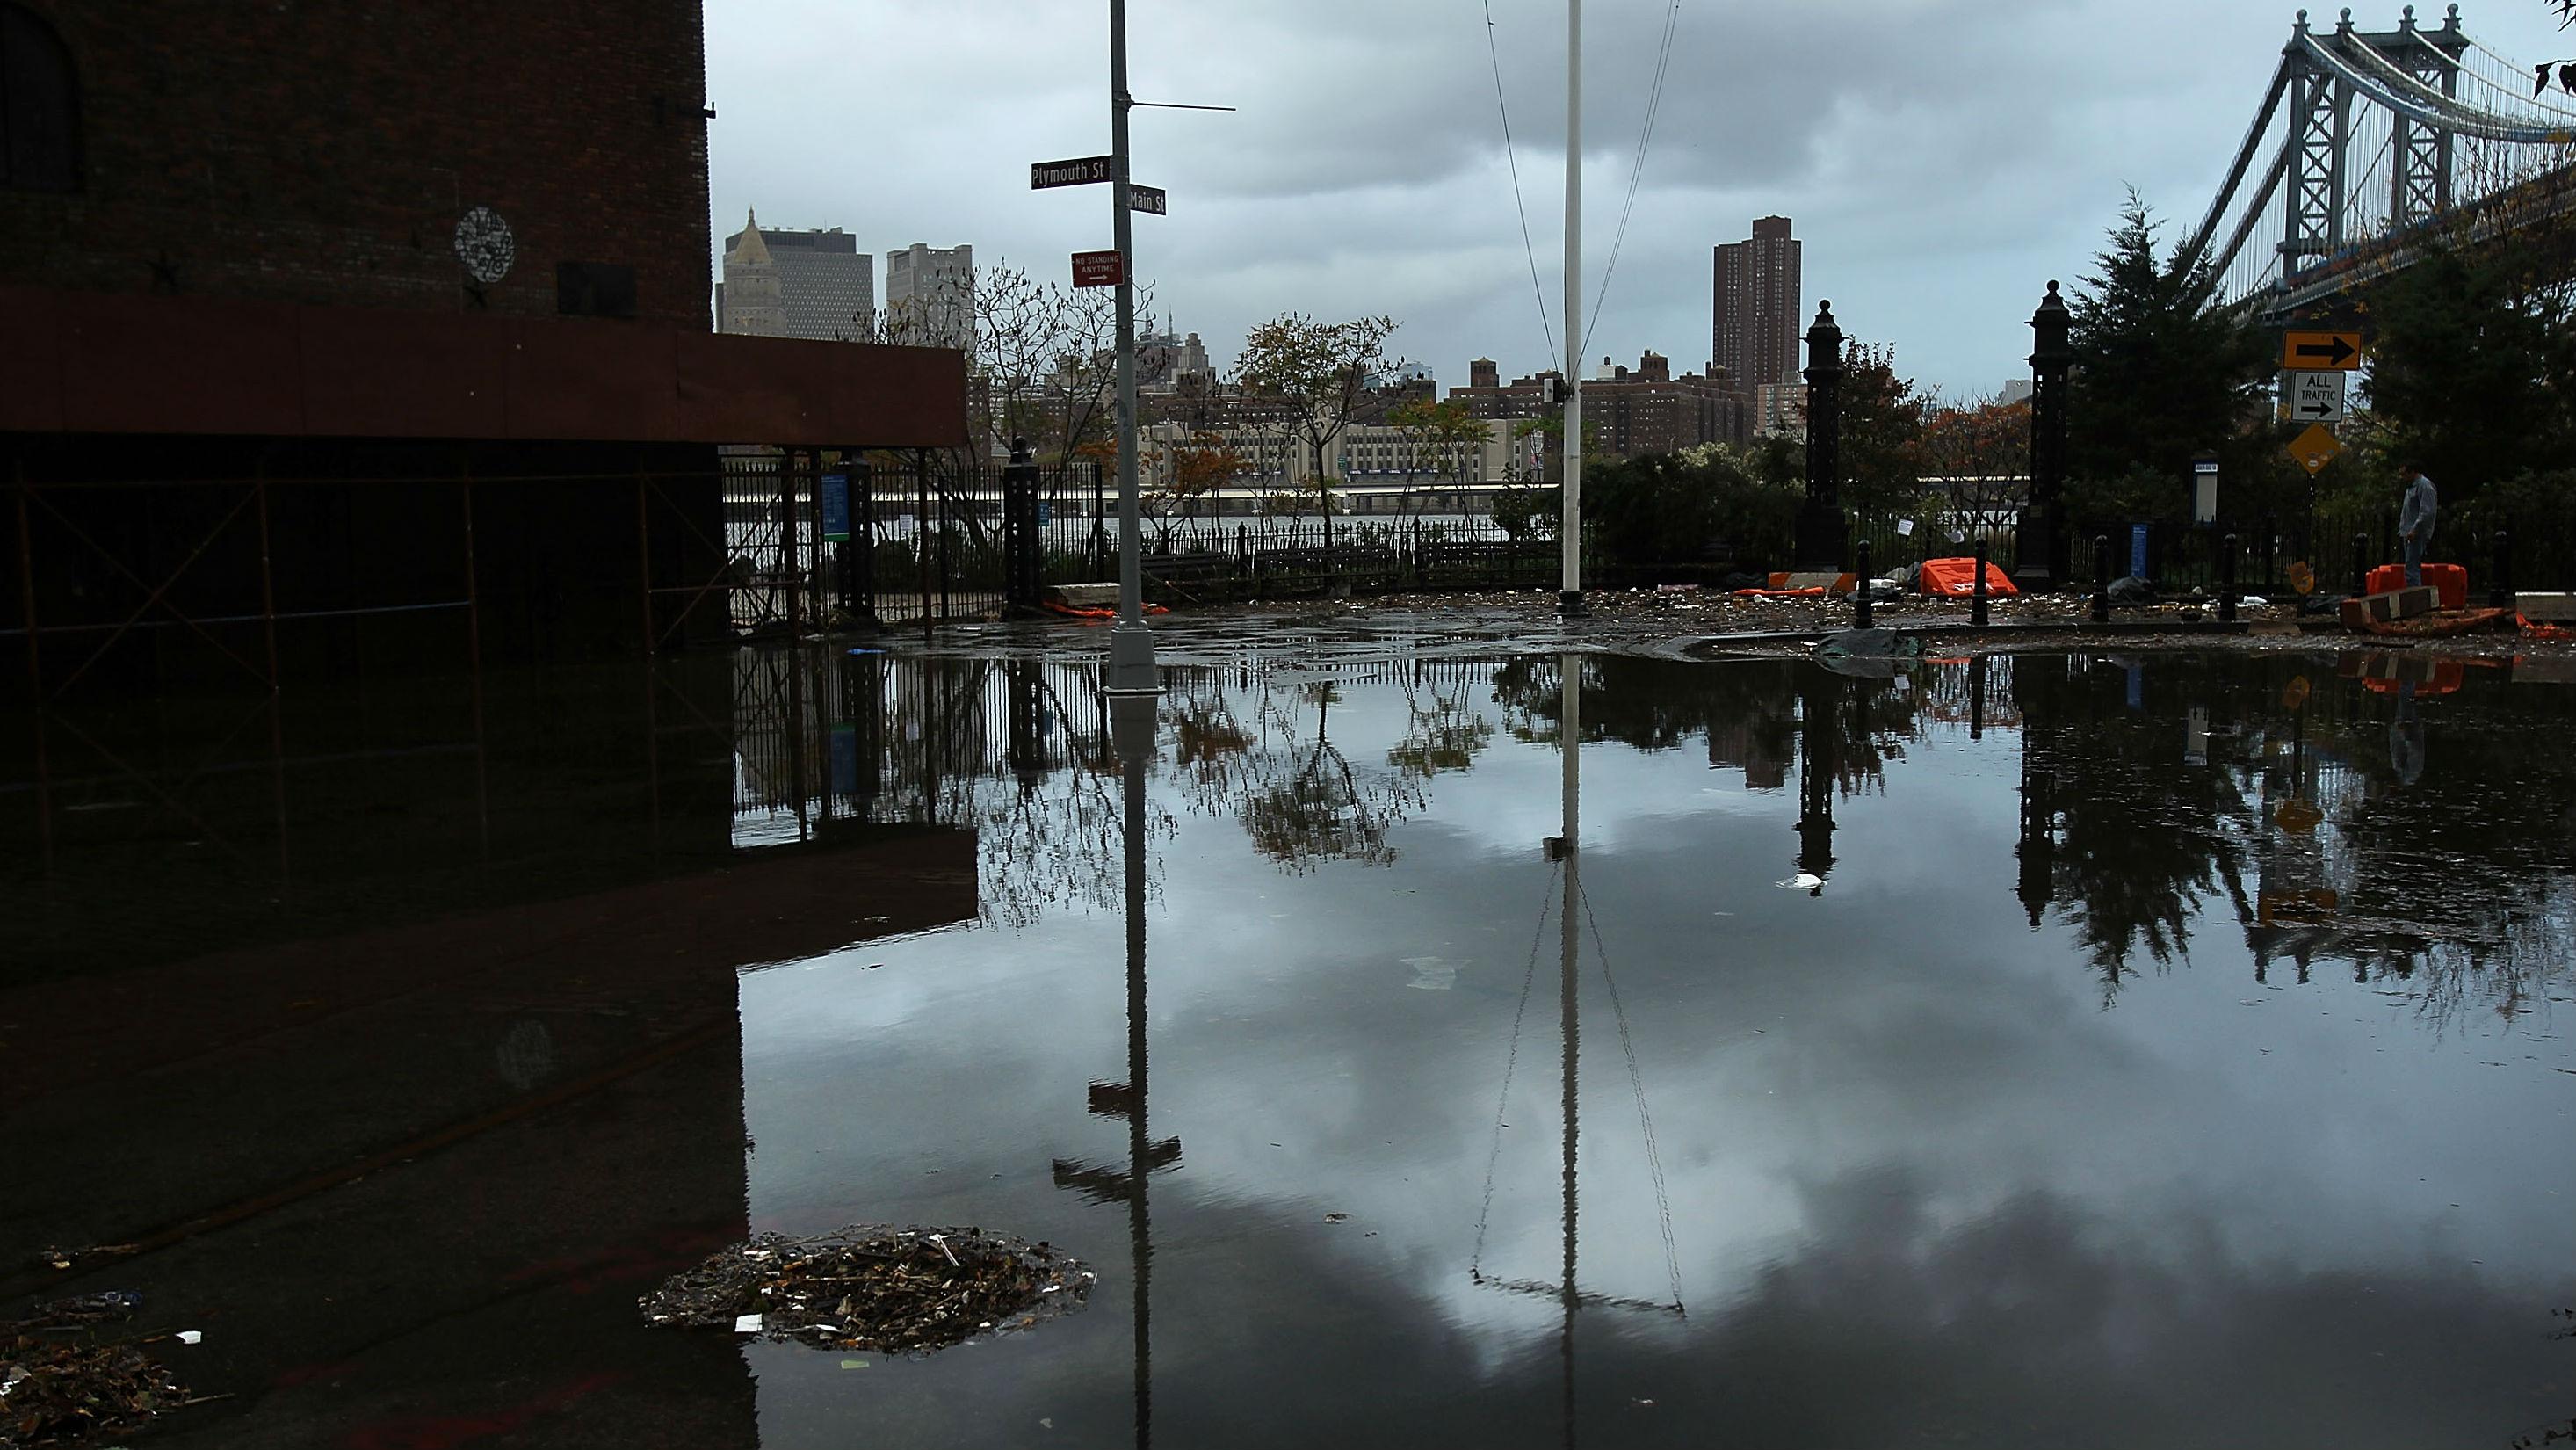 flood damage in Brooklyn (getty)